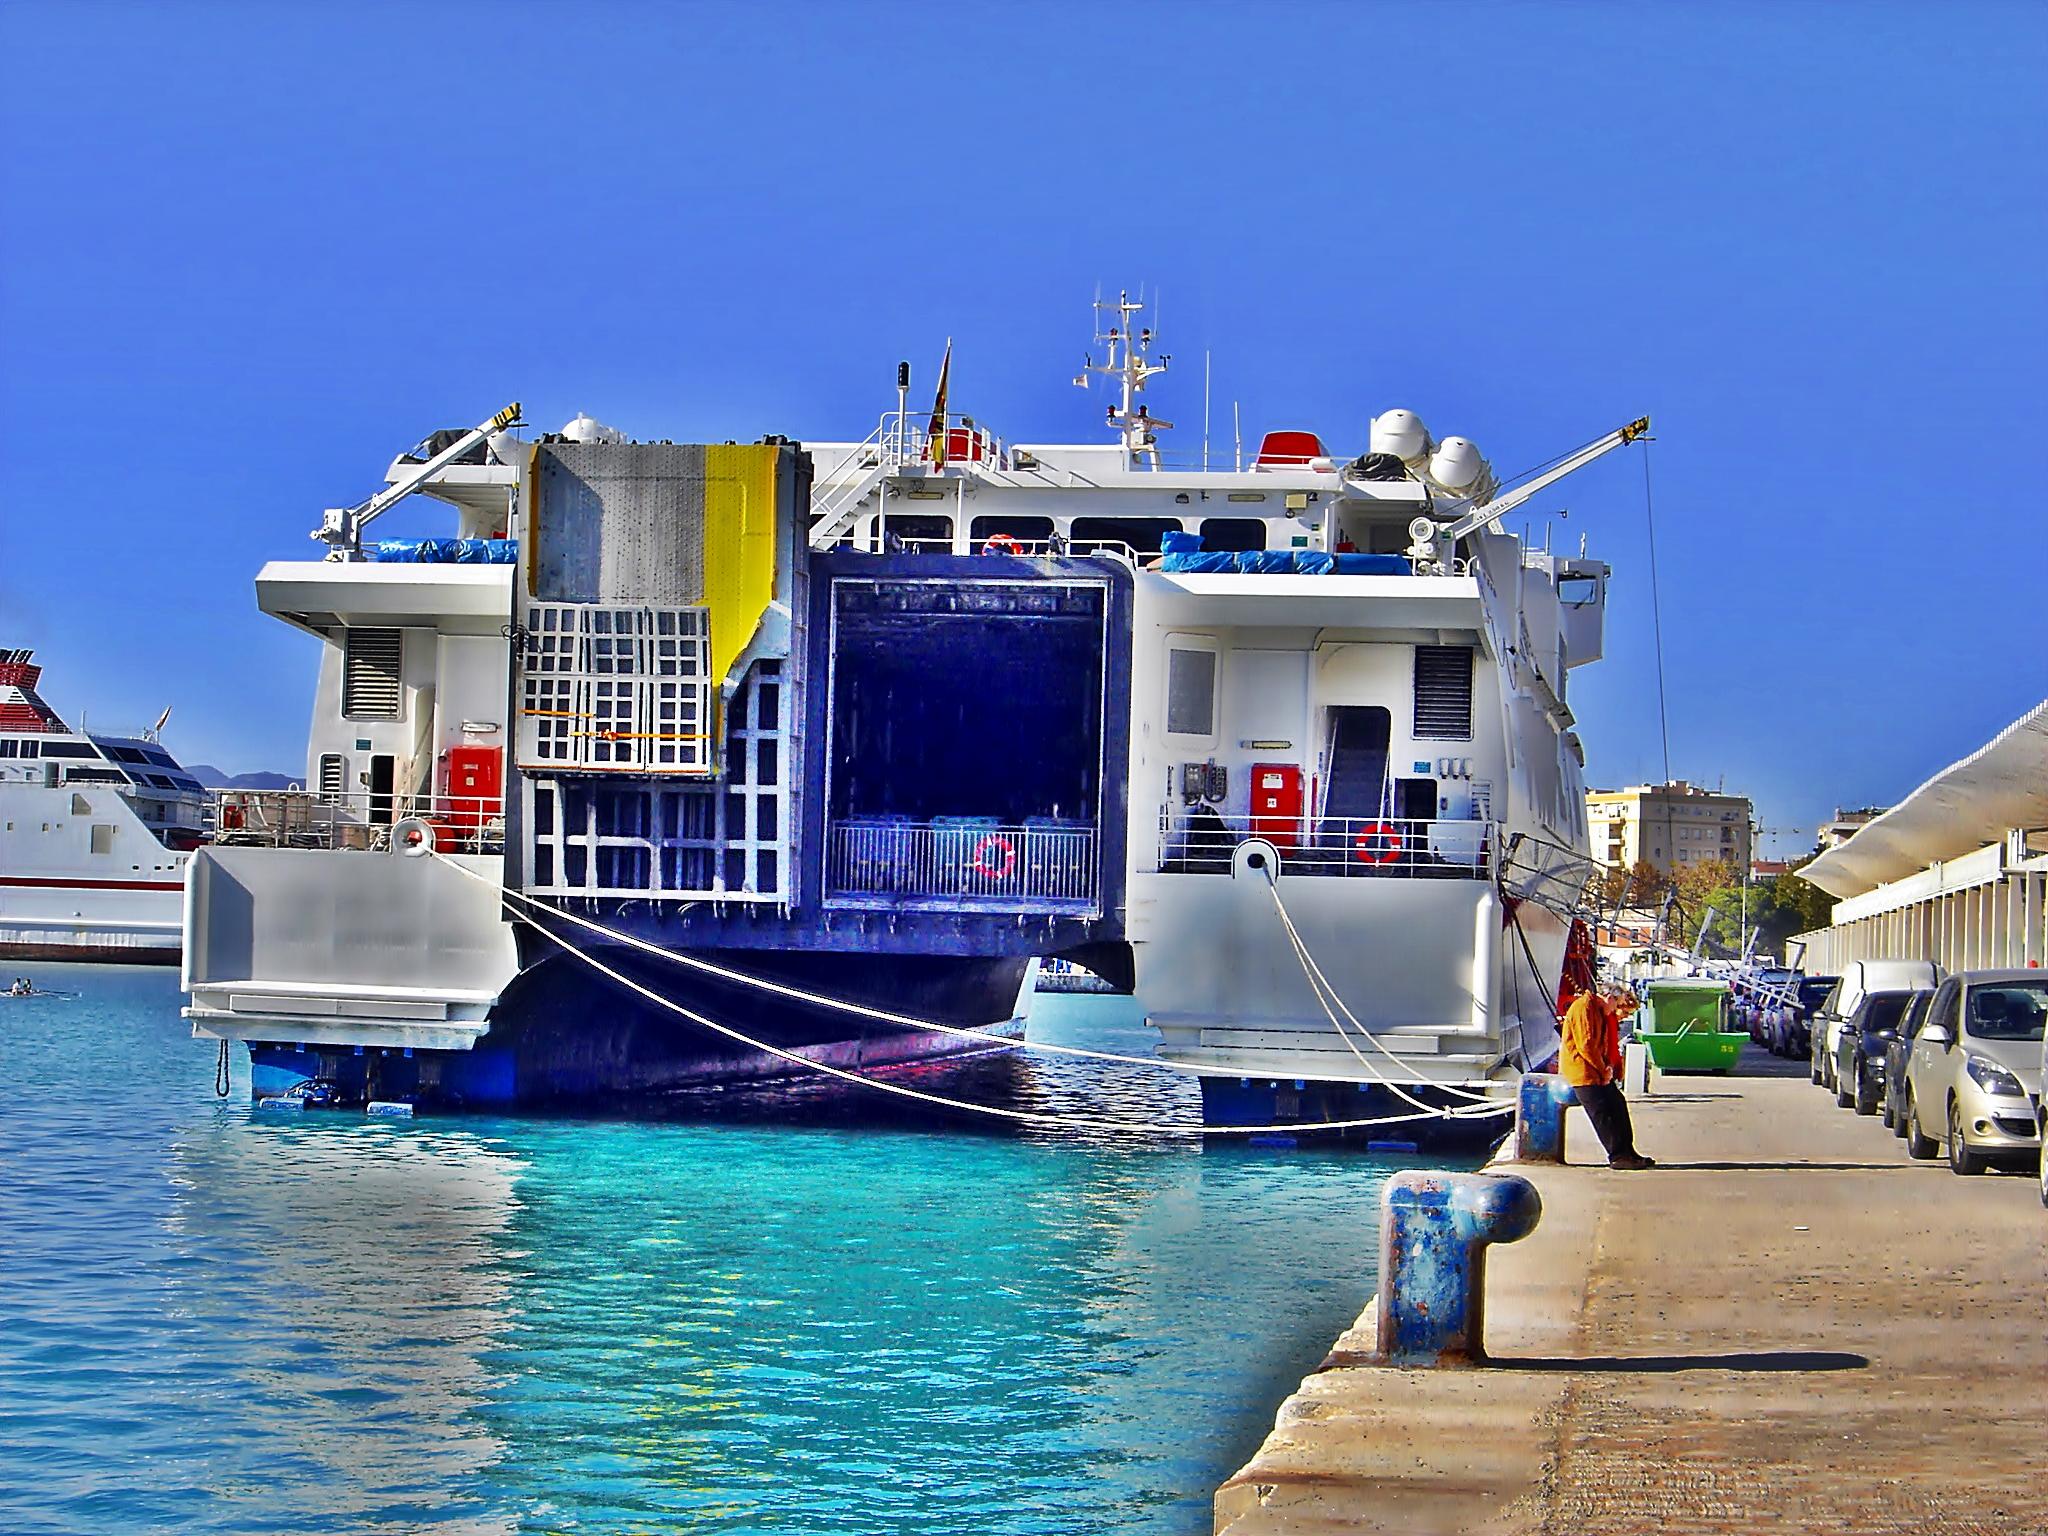 El barco fotos de m laga capital - Fotos malaga capital ...